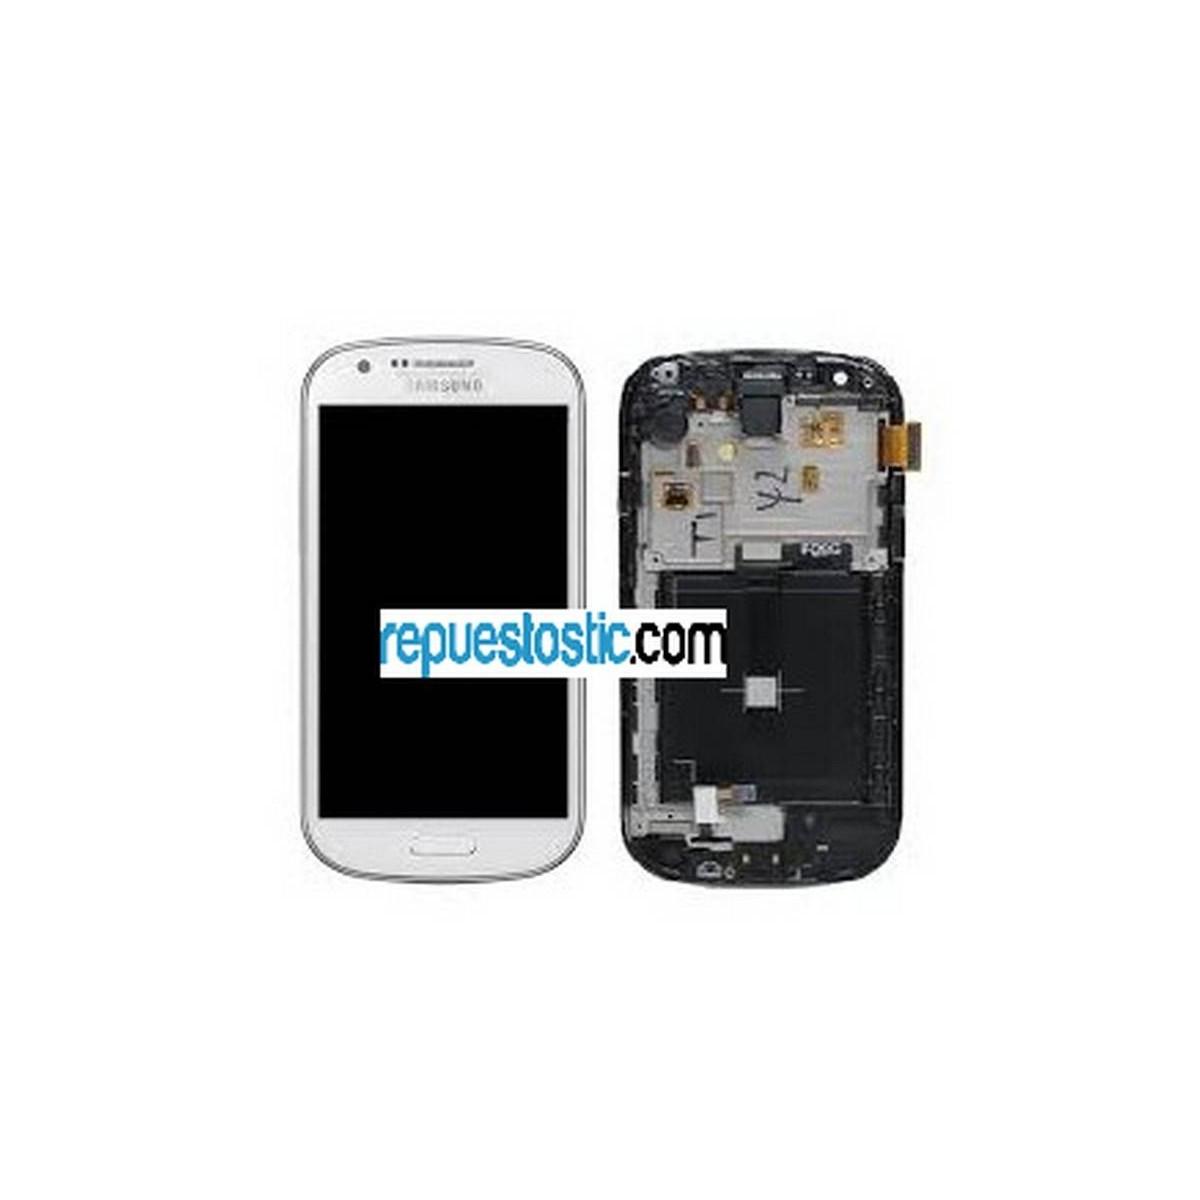 pantalla completa samunsung galaxy express i8730